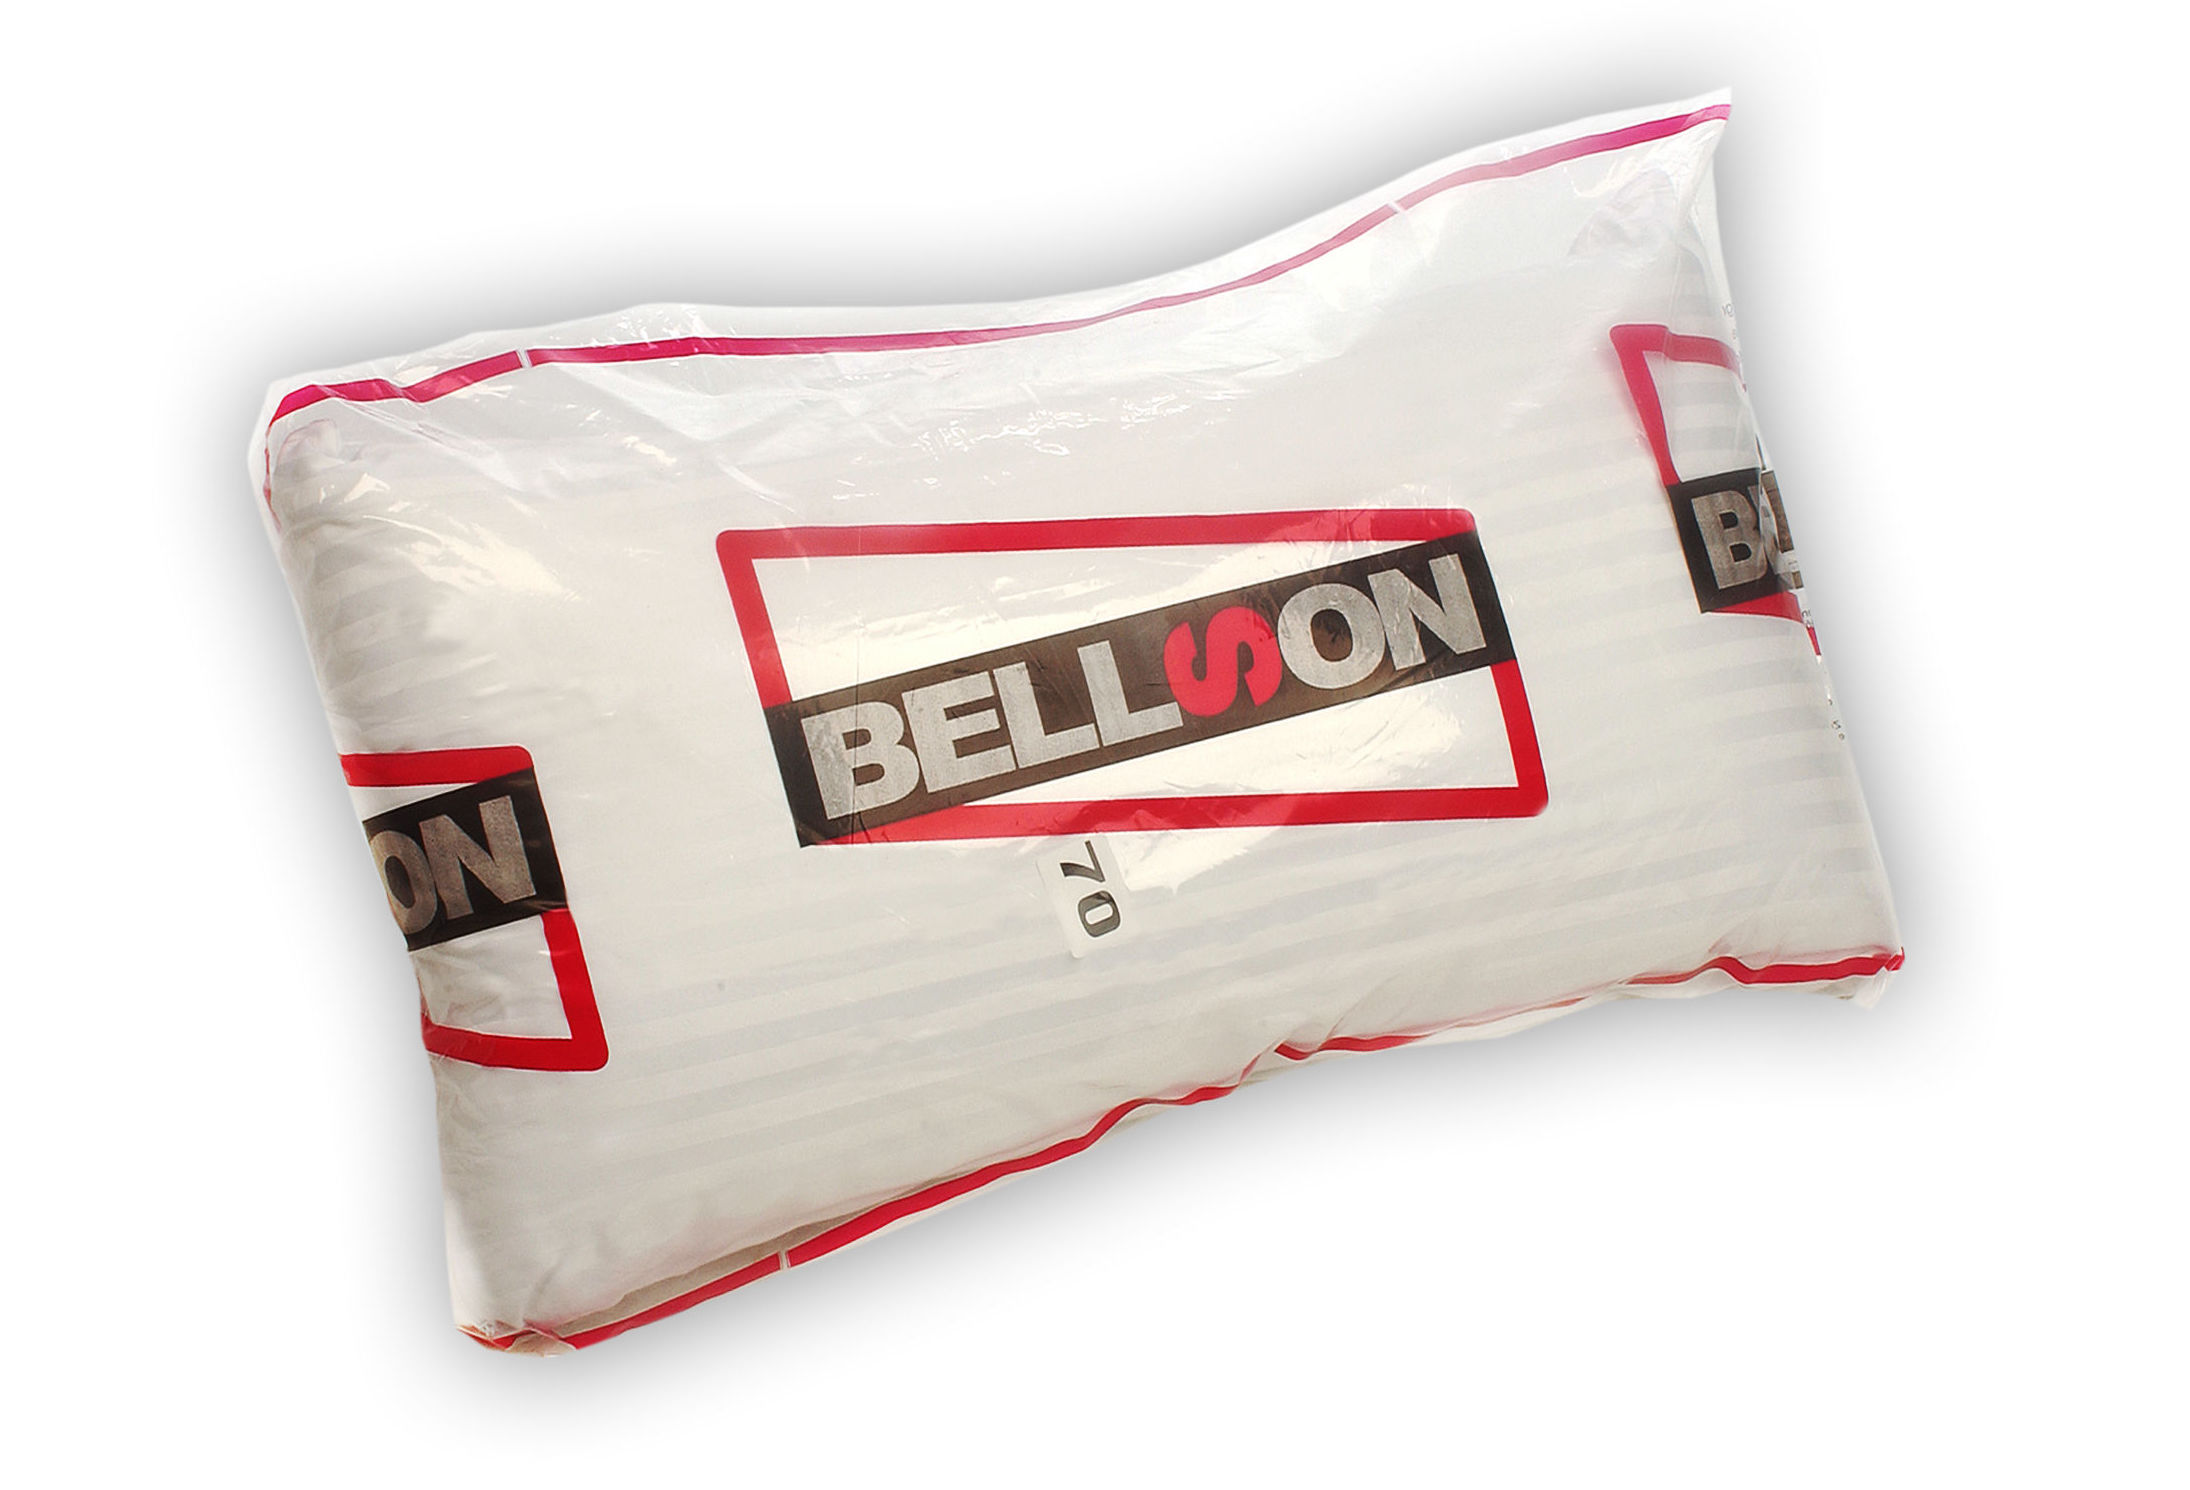 Almohadas Bellson. Fabricantes de almohadas